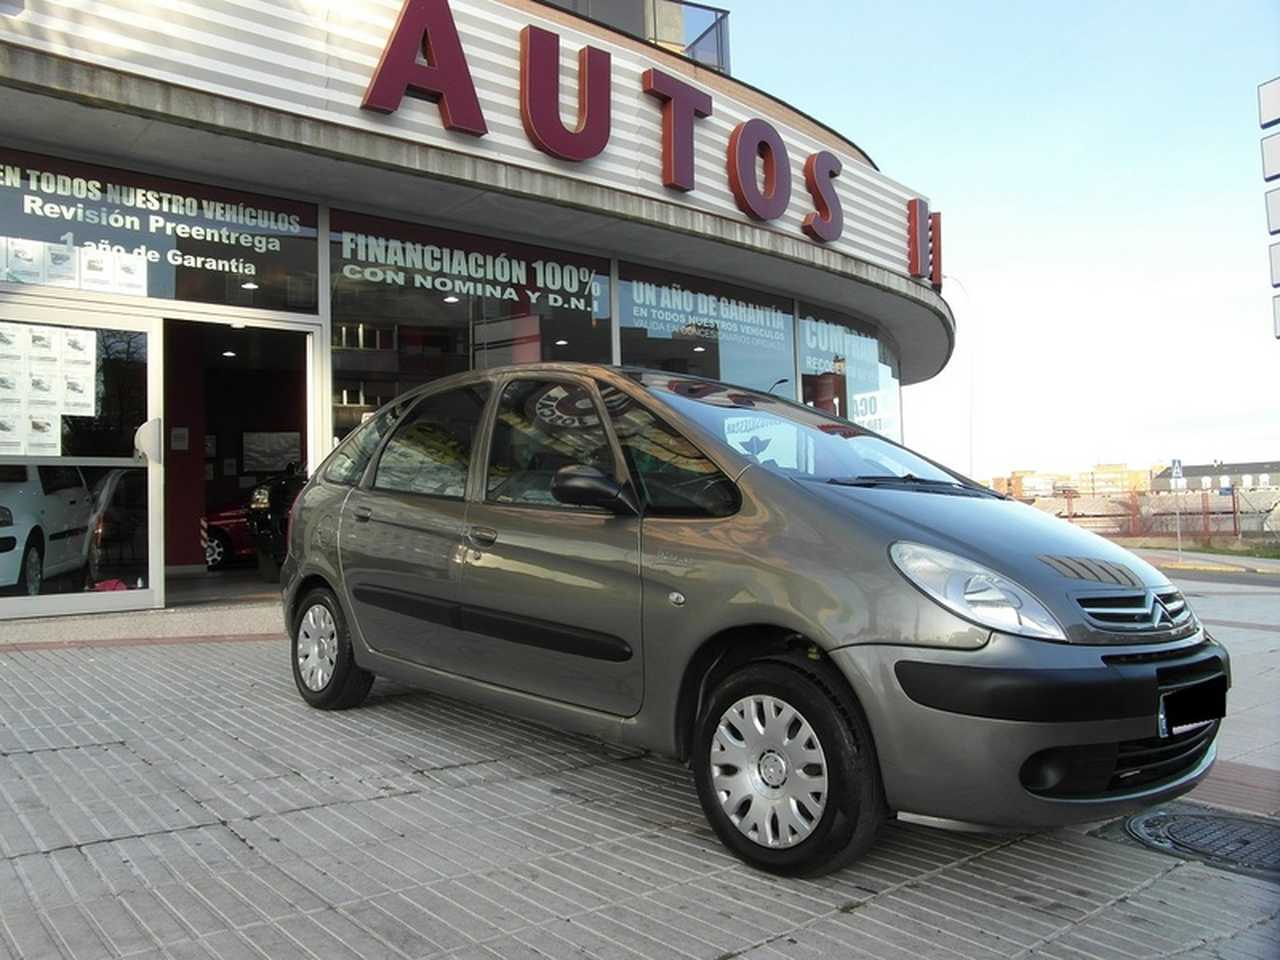 Citroën Xsara Picasso 1.6 HDI 90 CV MUY CUIDADO  - Foto 1